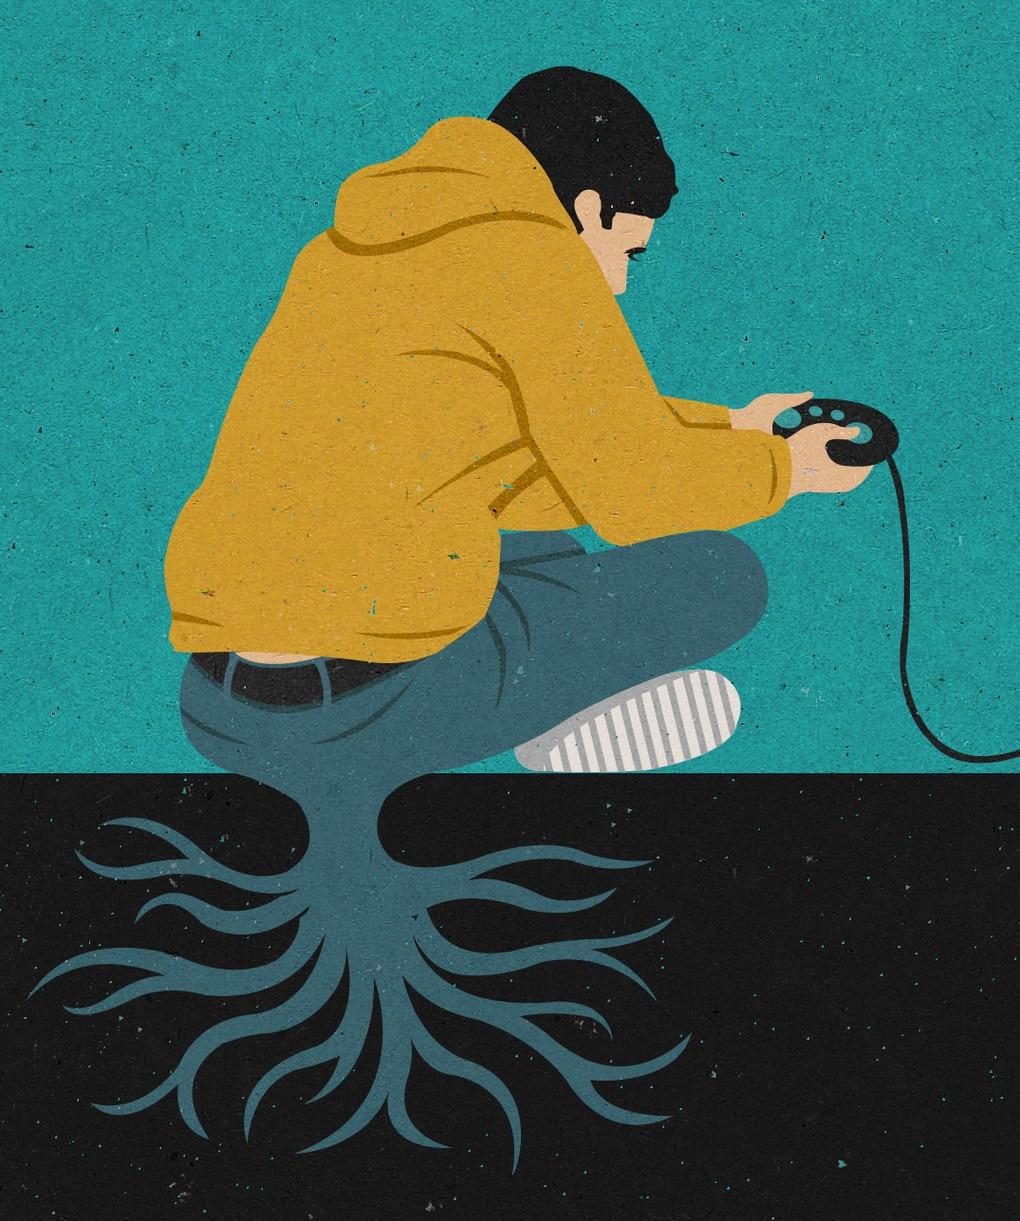 lazy lad alt - 28 злободневных иллюстраций, которые кричат о проблемах современного общества